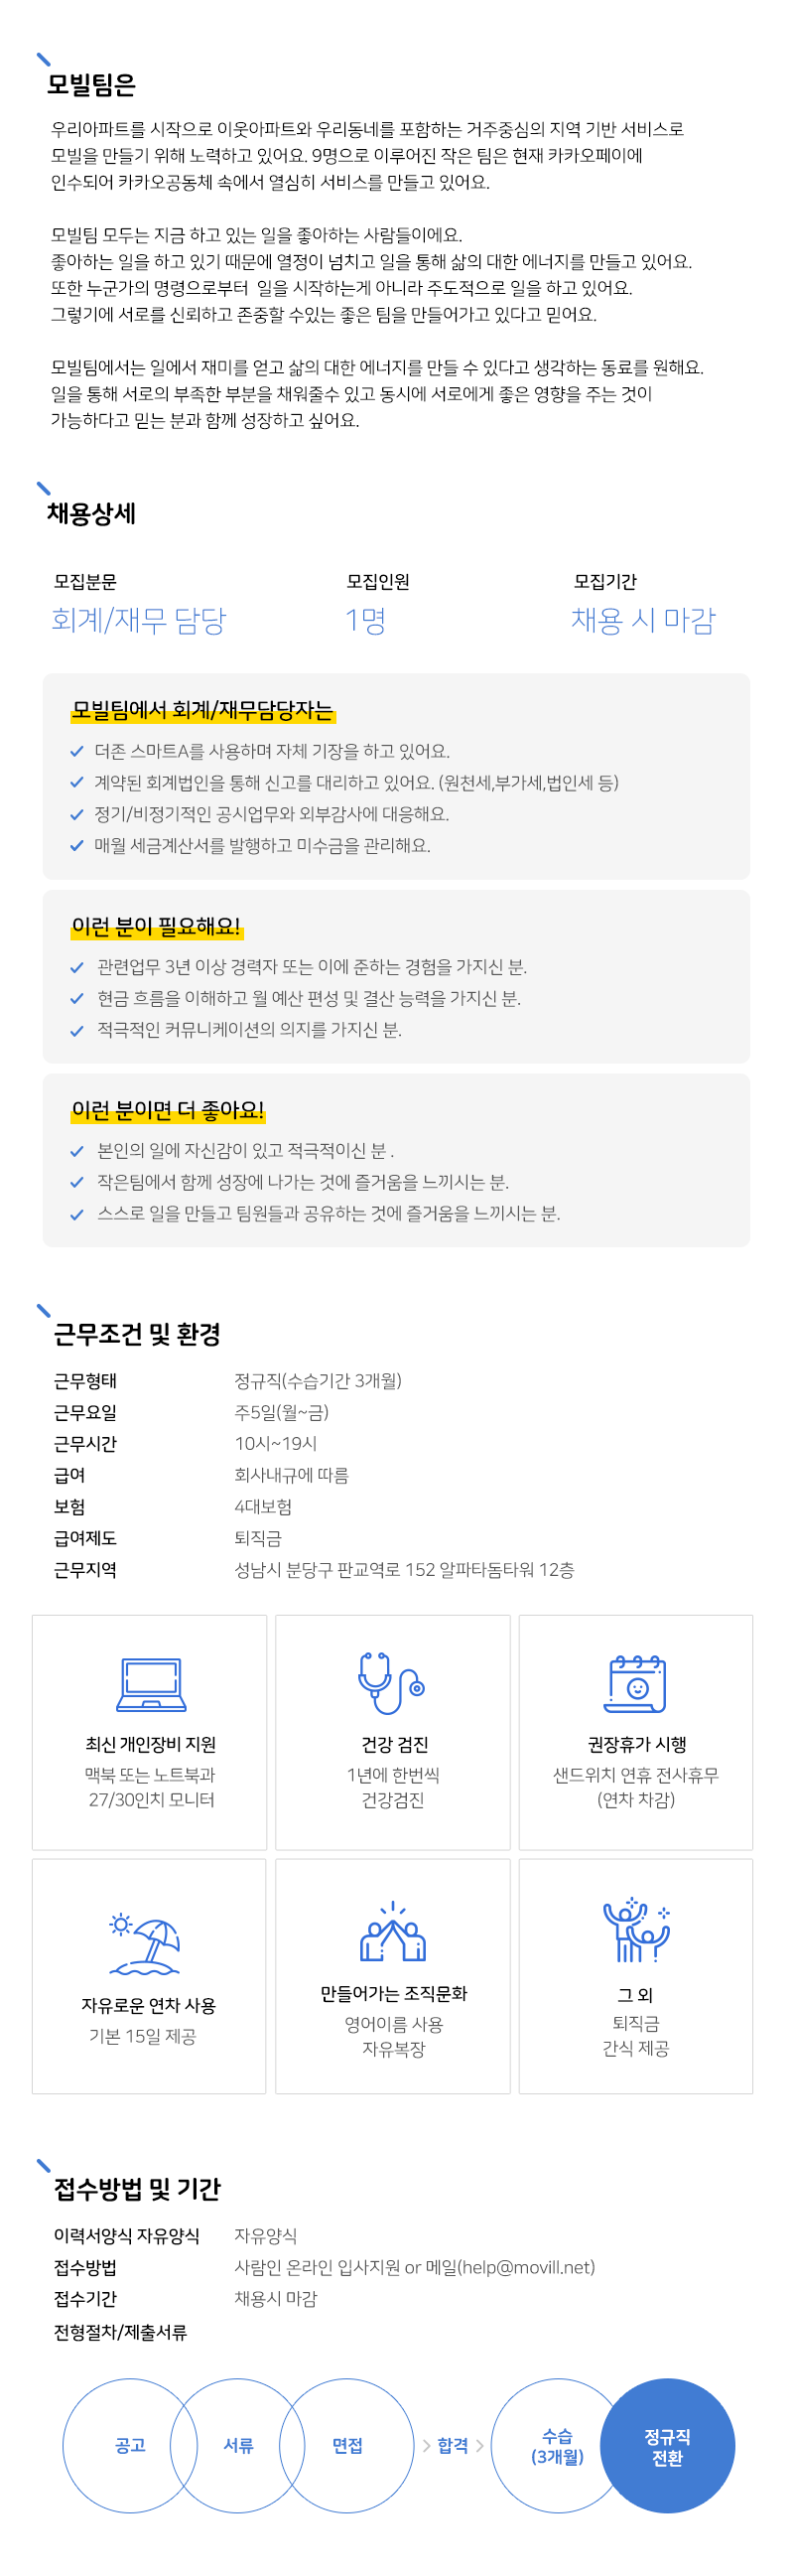 채용공고_cs_09.png